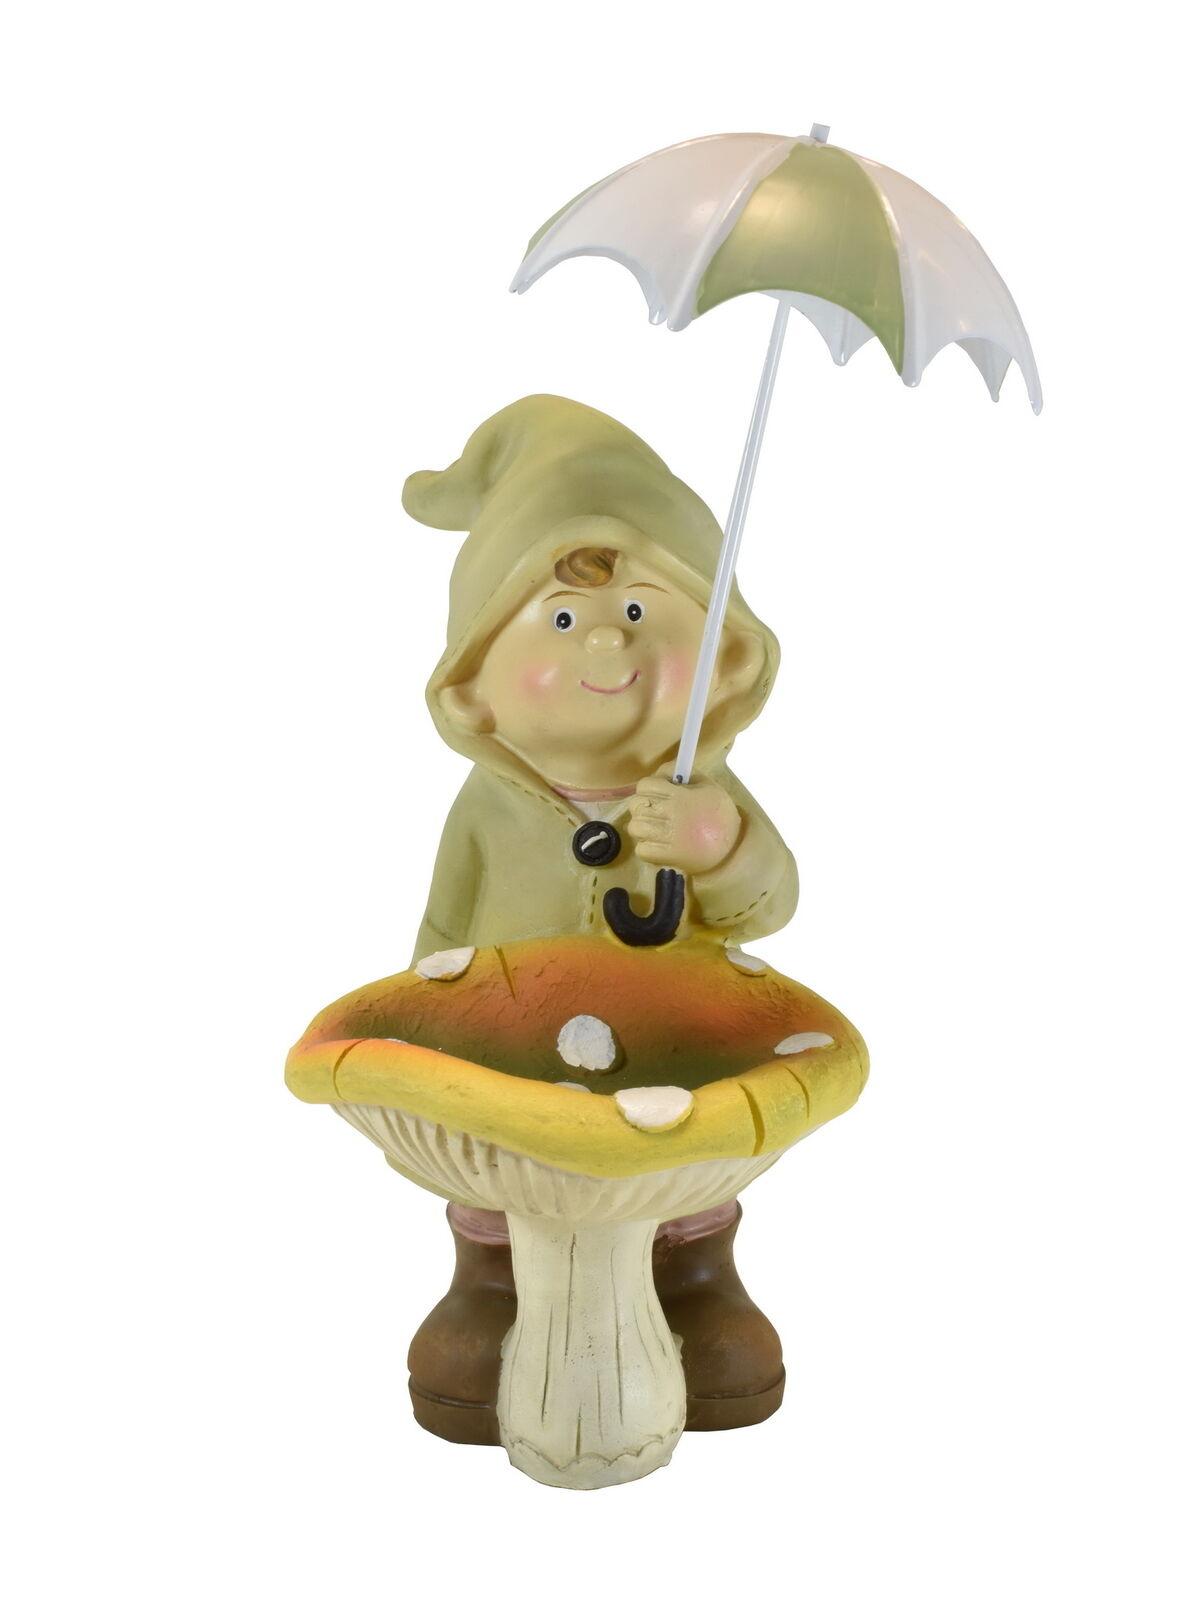 Wichtel Deko Figur Junge Mit Pilz Schirm Garten Kind Mädchen